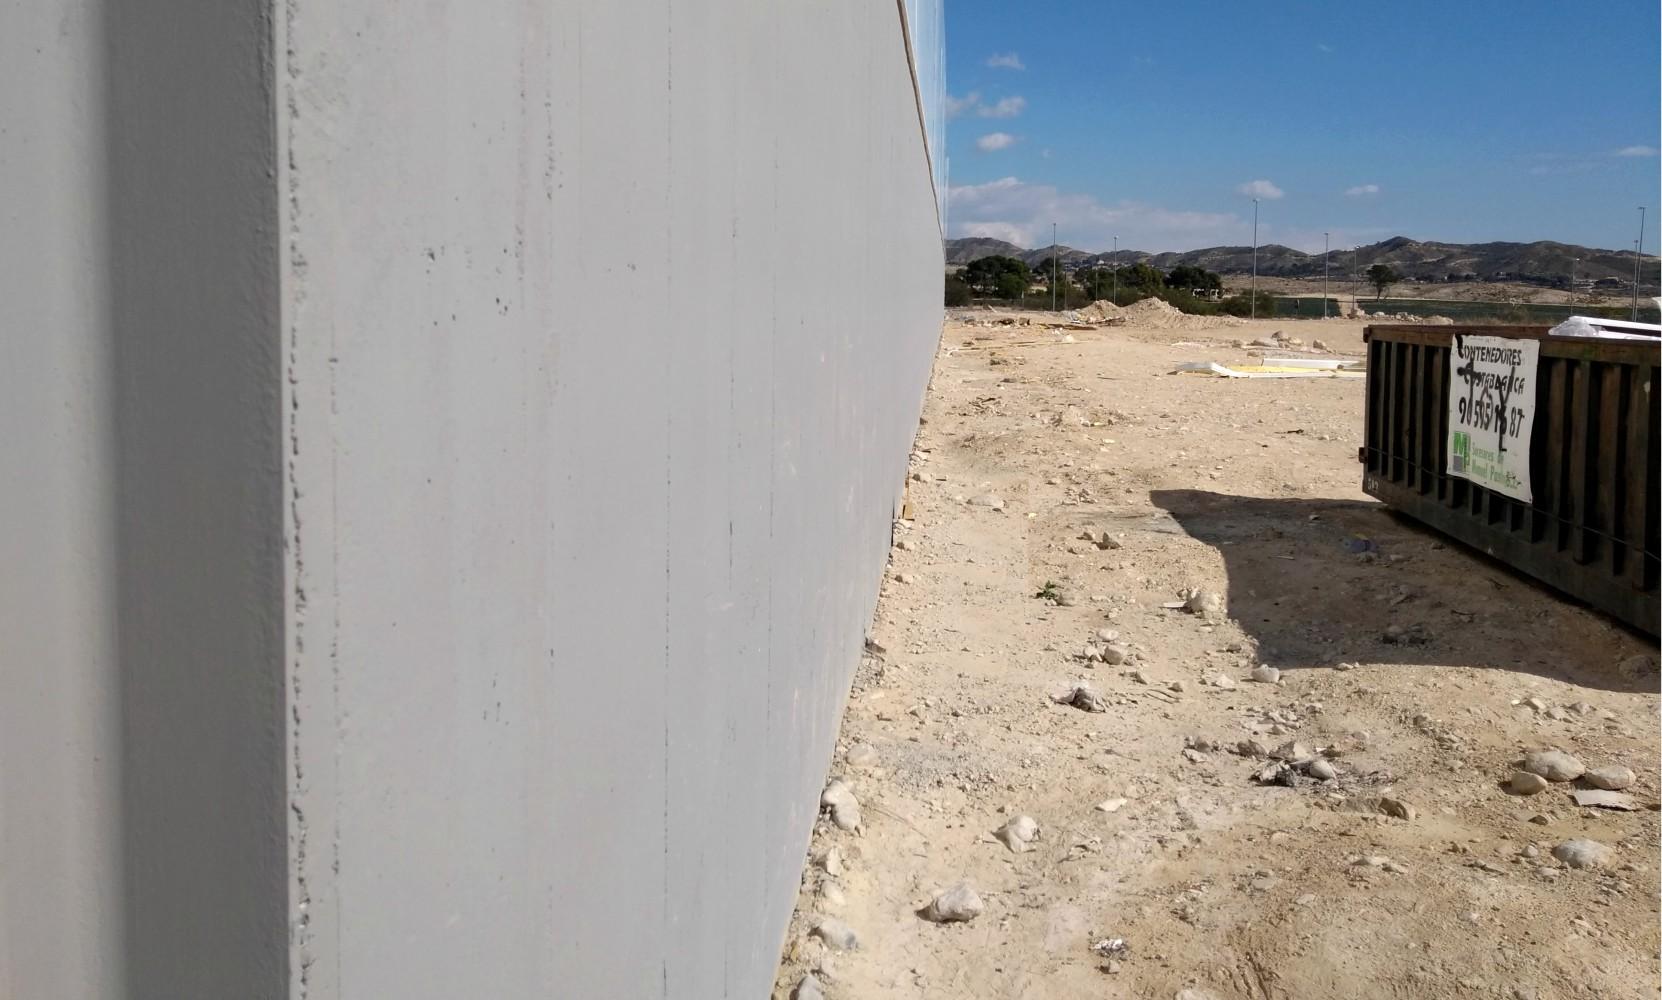 encofrados de aluminio strong forms en nave industrial alumed construcción industrializada masiva alicante muro